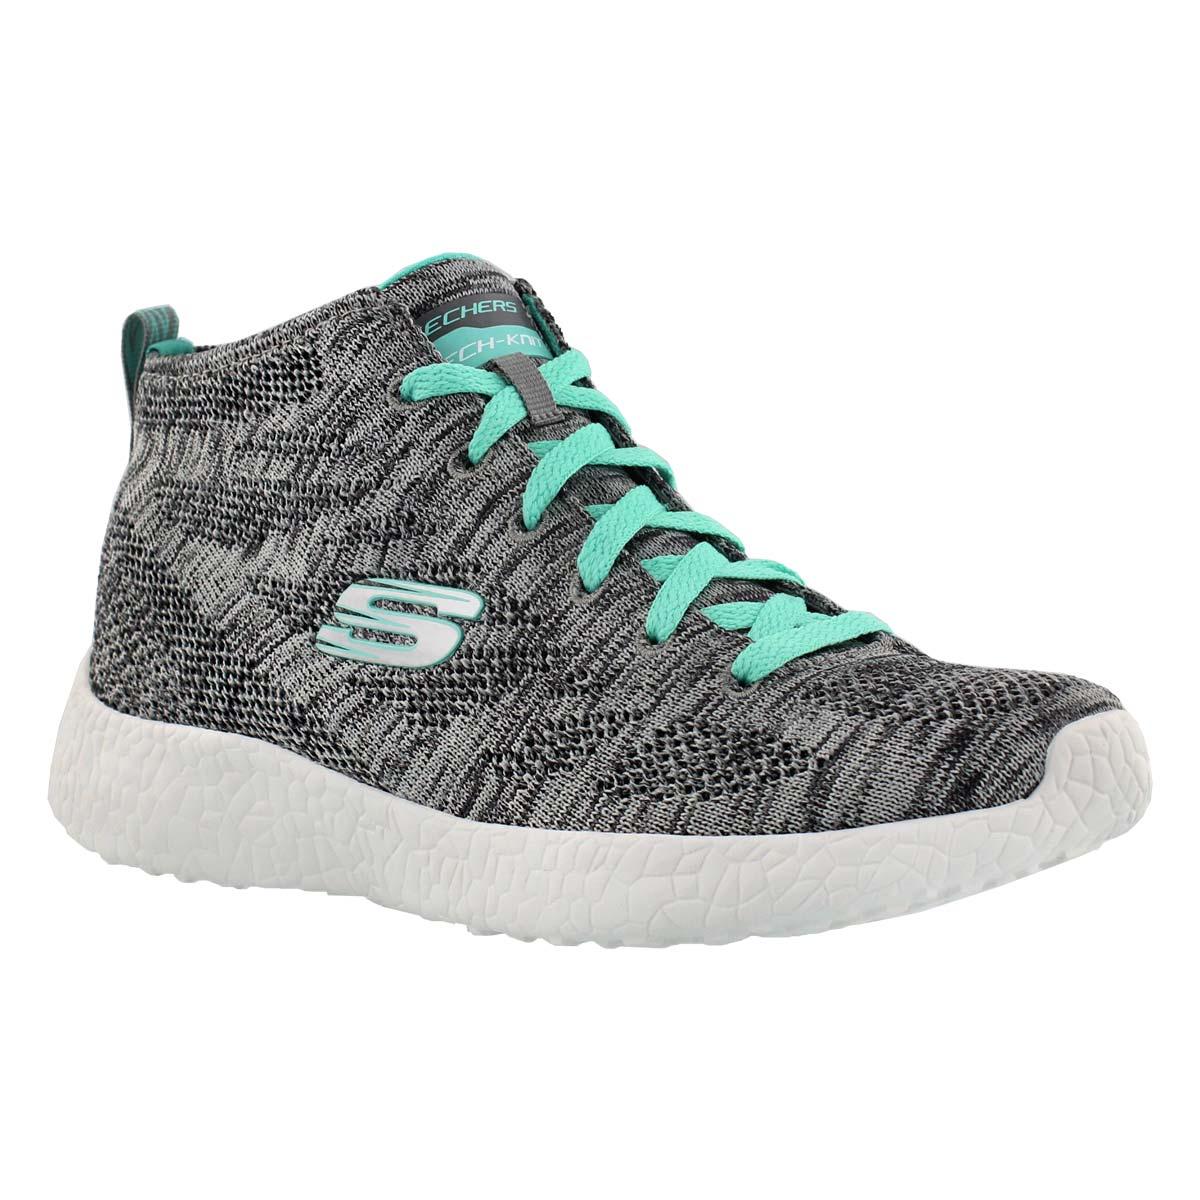 Women's DIVERGENT grey chukka sneakers